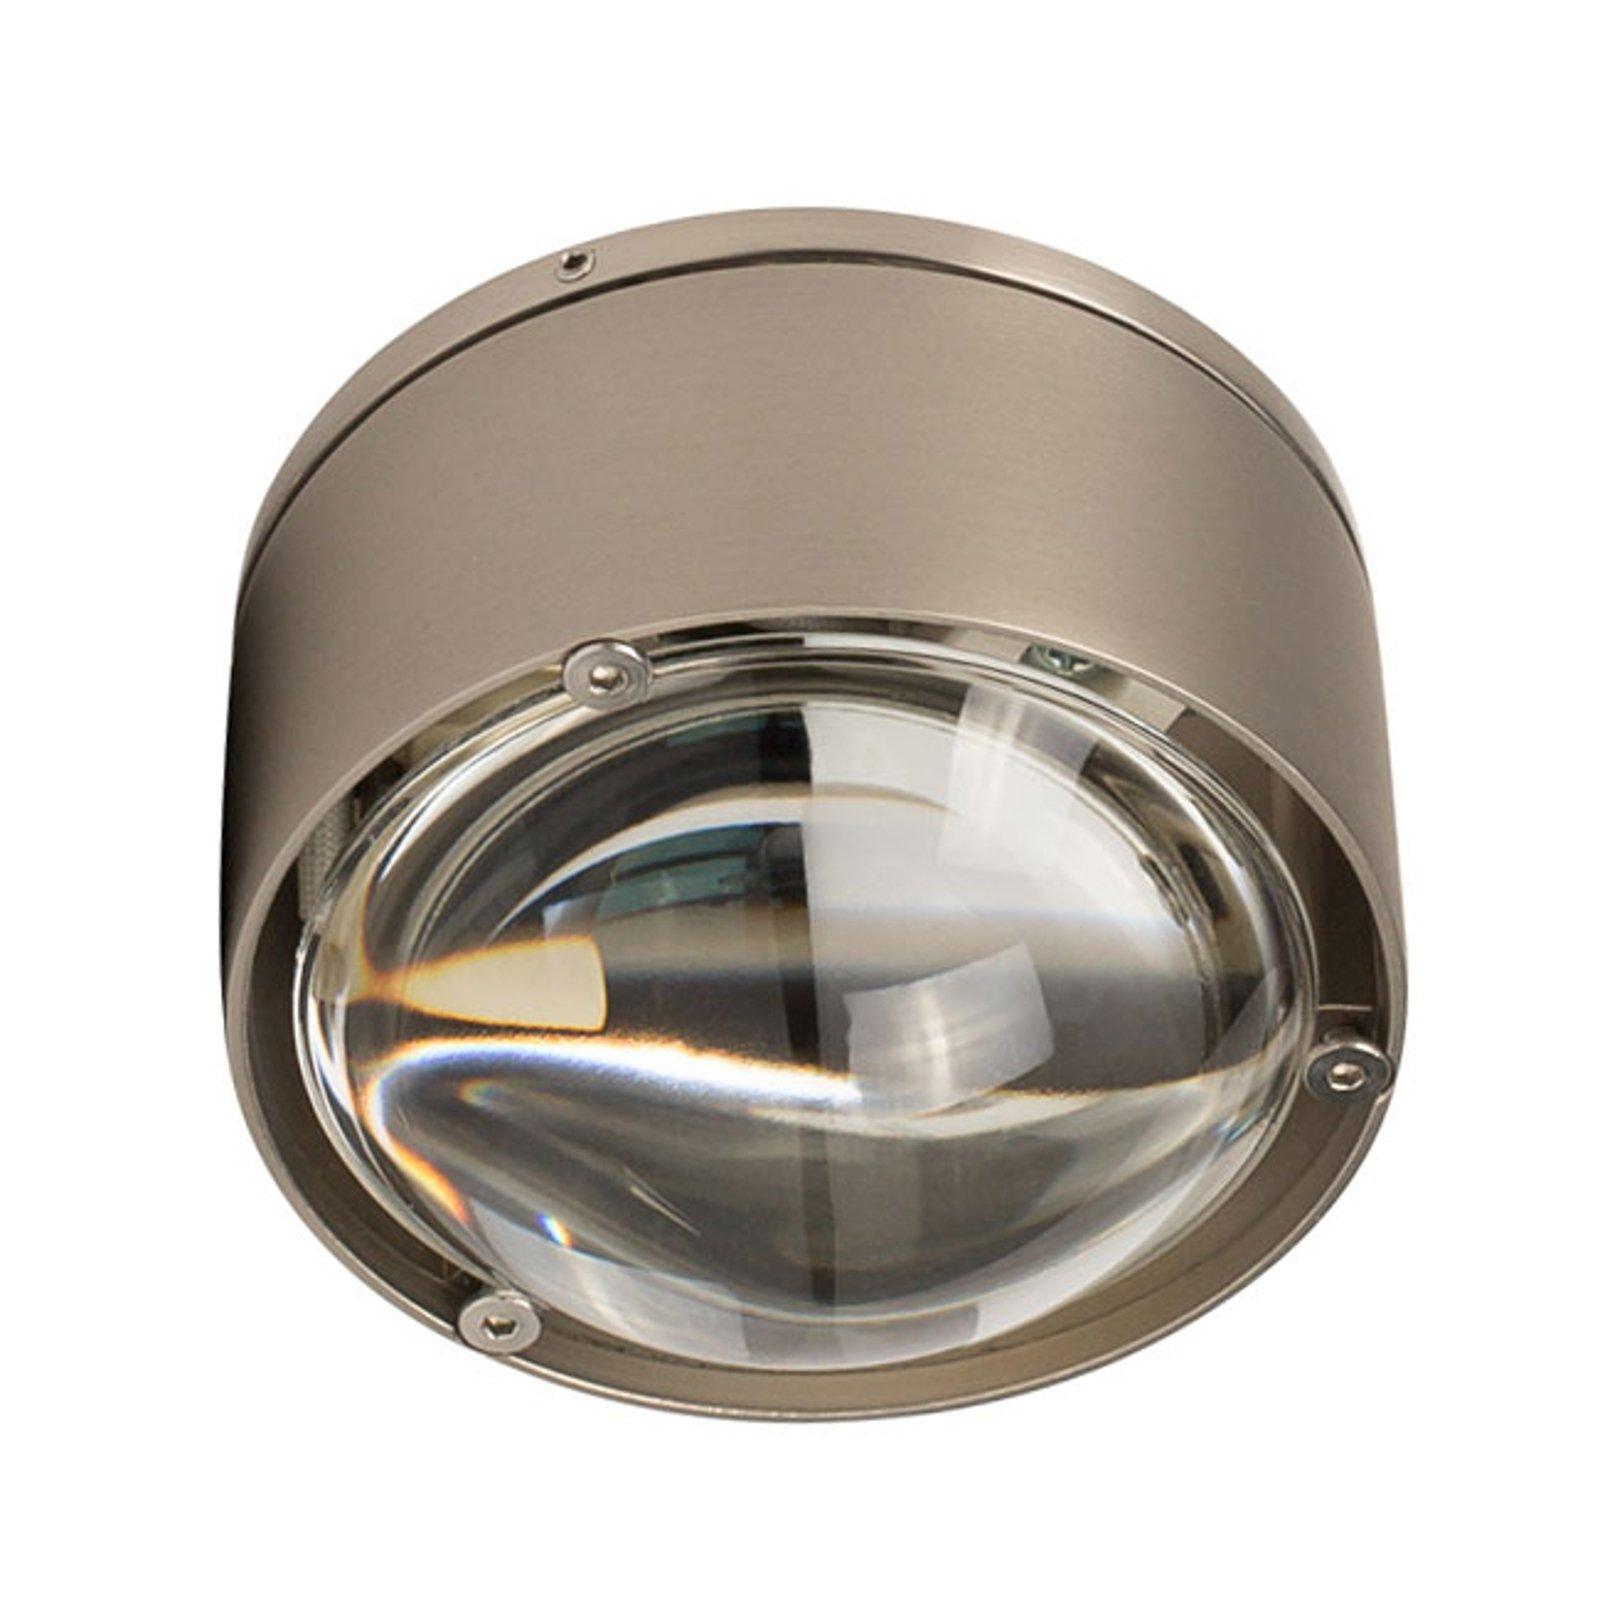 LED-taklampe Puk One 2, nikkel matt